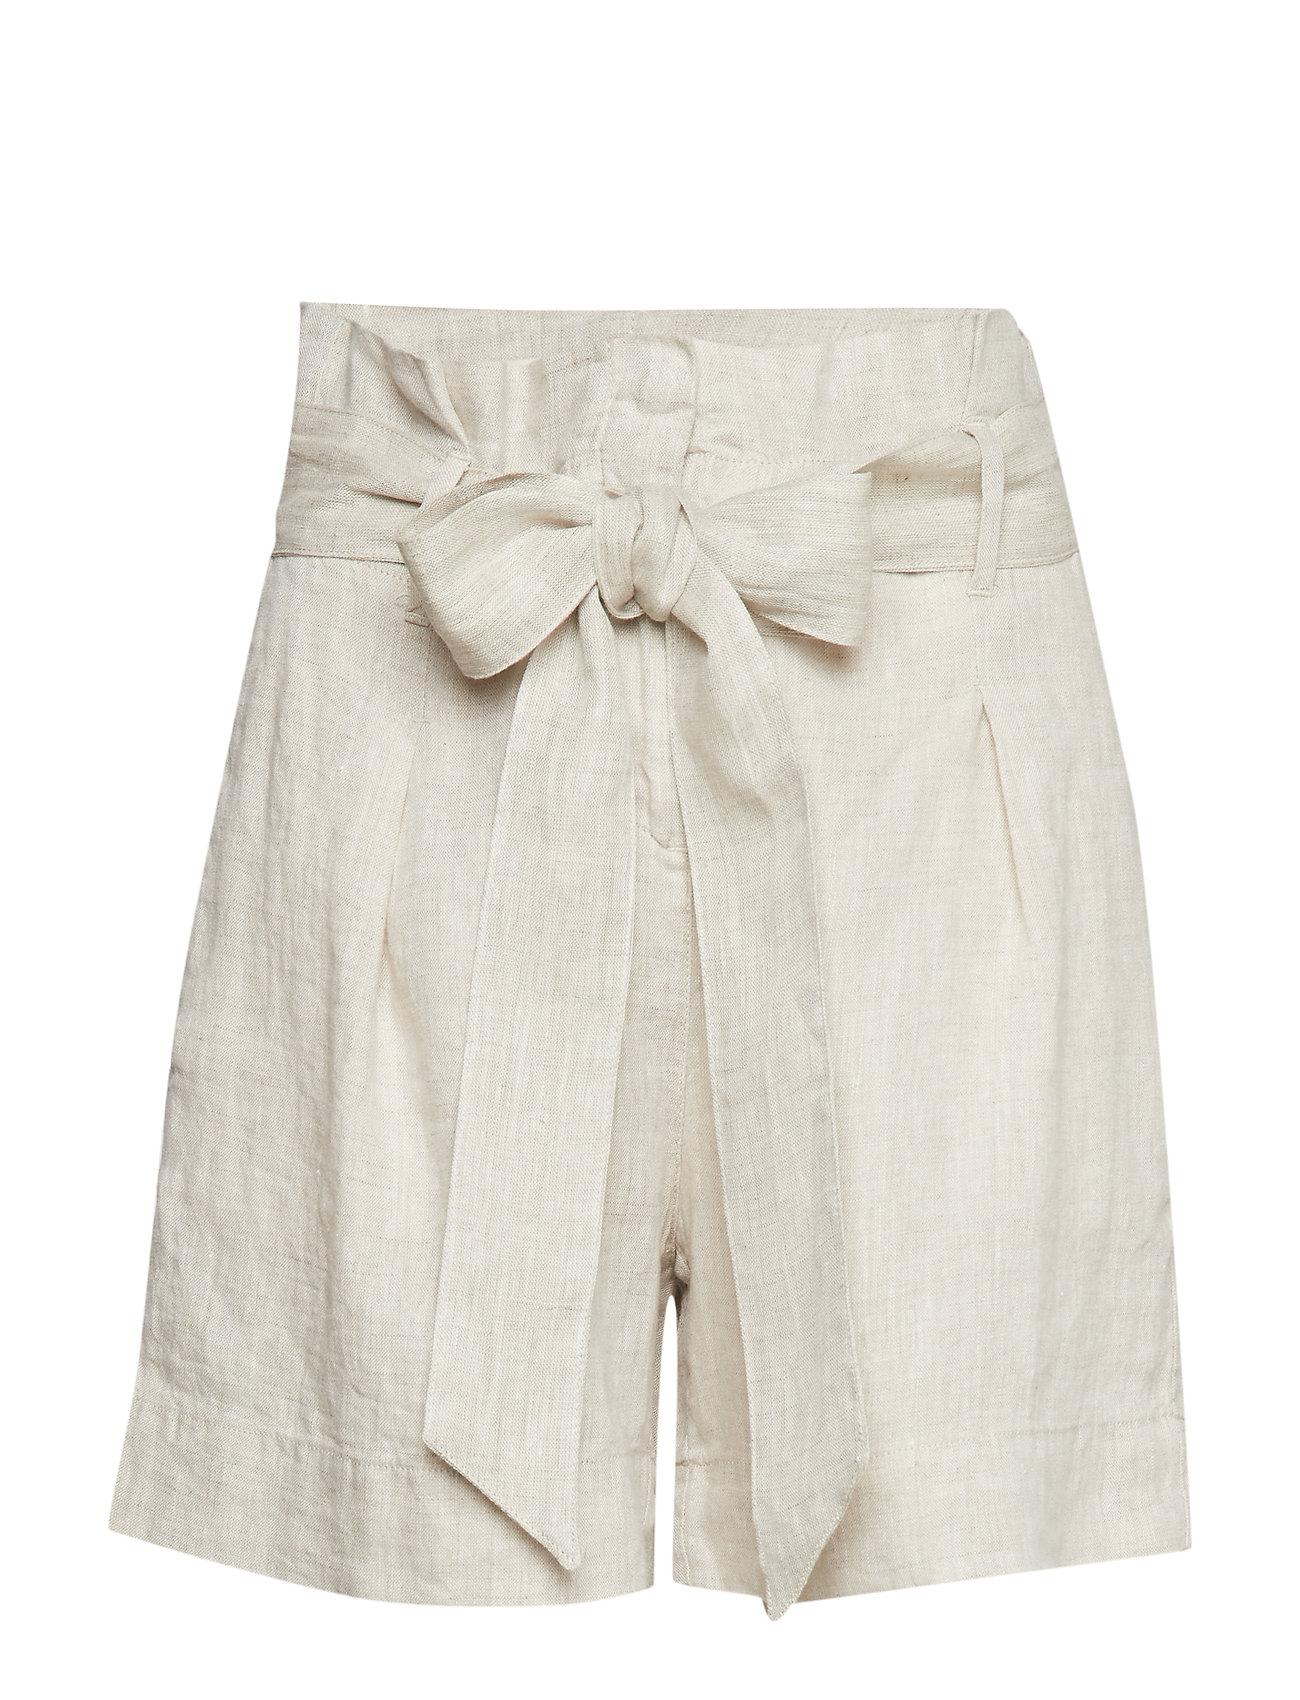 Morris Lady Elba Linen Shorts - KHAKI